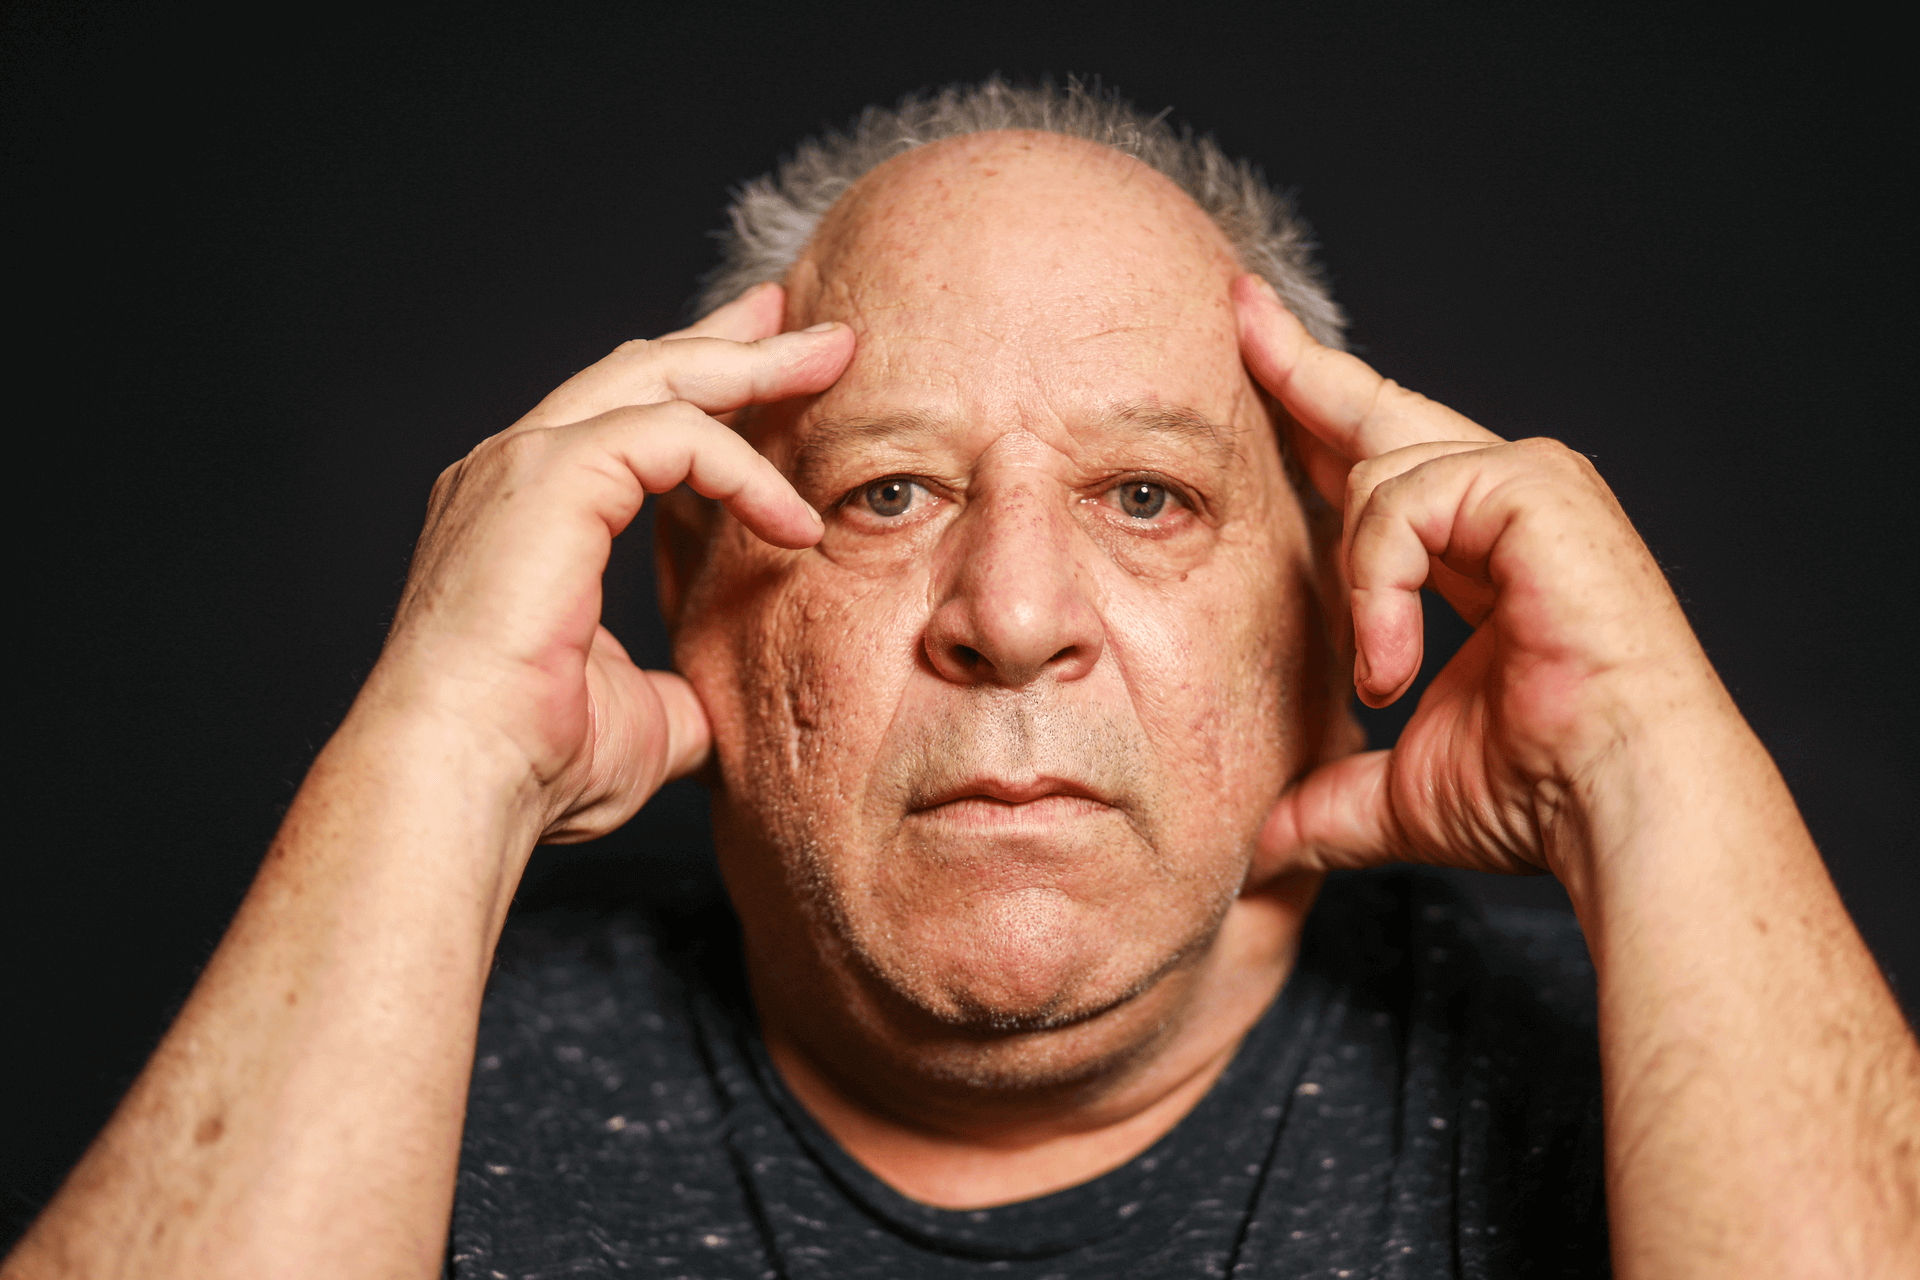 """""""המאבק פגע בבריאות, במשפחה ובפרנסה שלי, אבל לא יכולתי אחרת, חשבתי שאני משתגע"""". יצחק בקרינג (צילום תמונה ראשית: שלומי יוסף. צילומים נוספים בכתבה: לע""""מ, הסנגוריה הציבורית, ויקיפדיה)"""